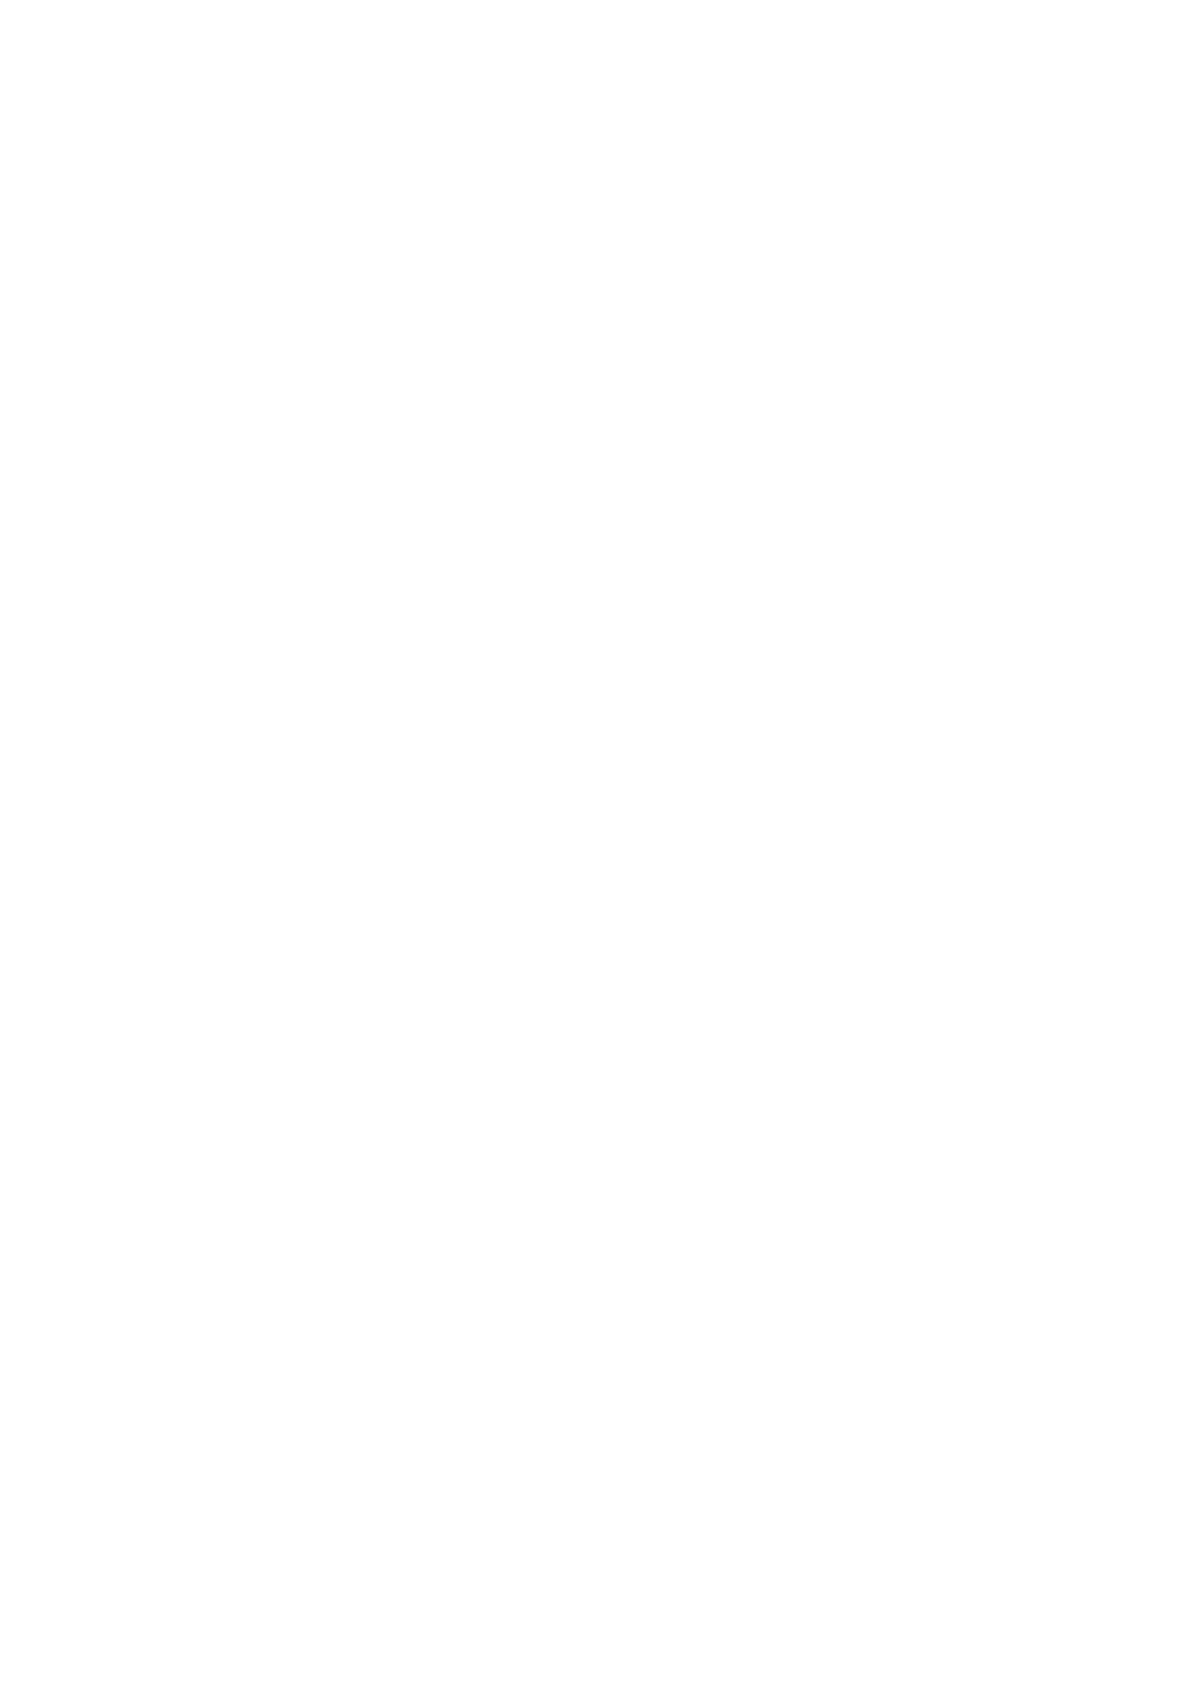 ورقة حول العمل المغاربي للمديريات 04 10 2012